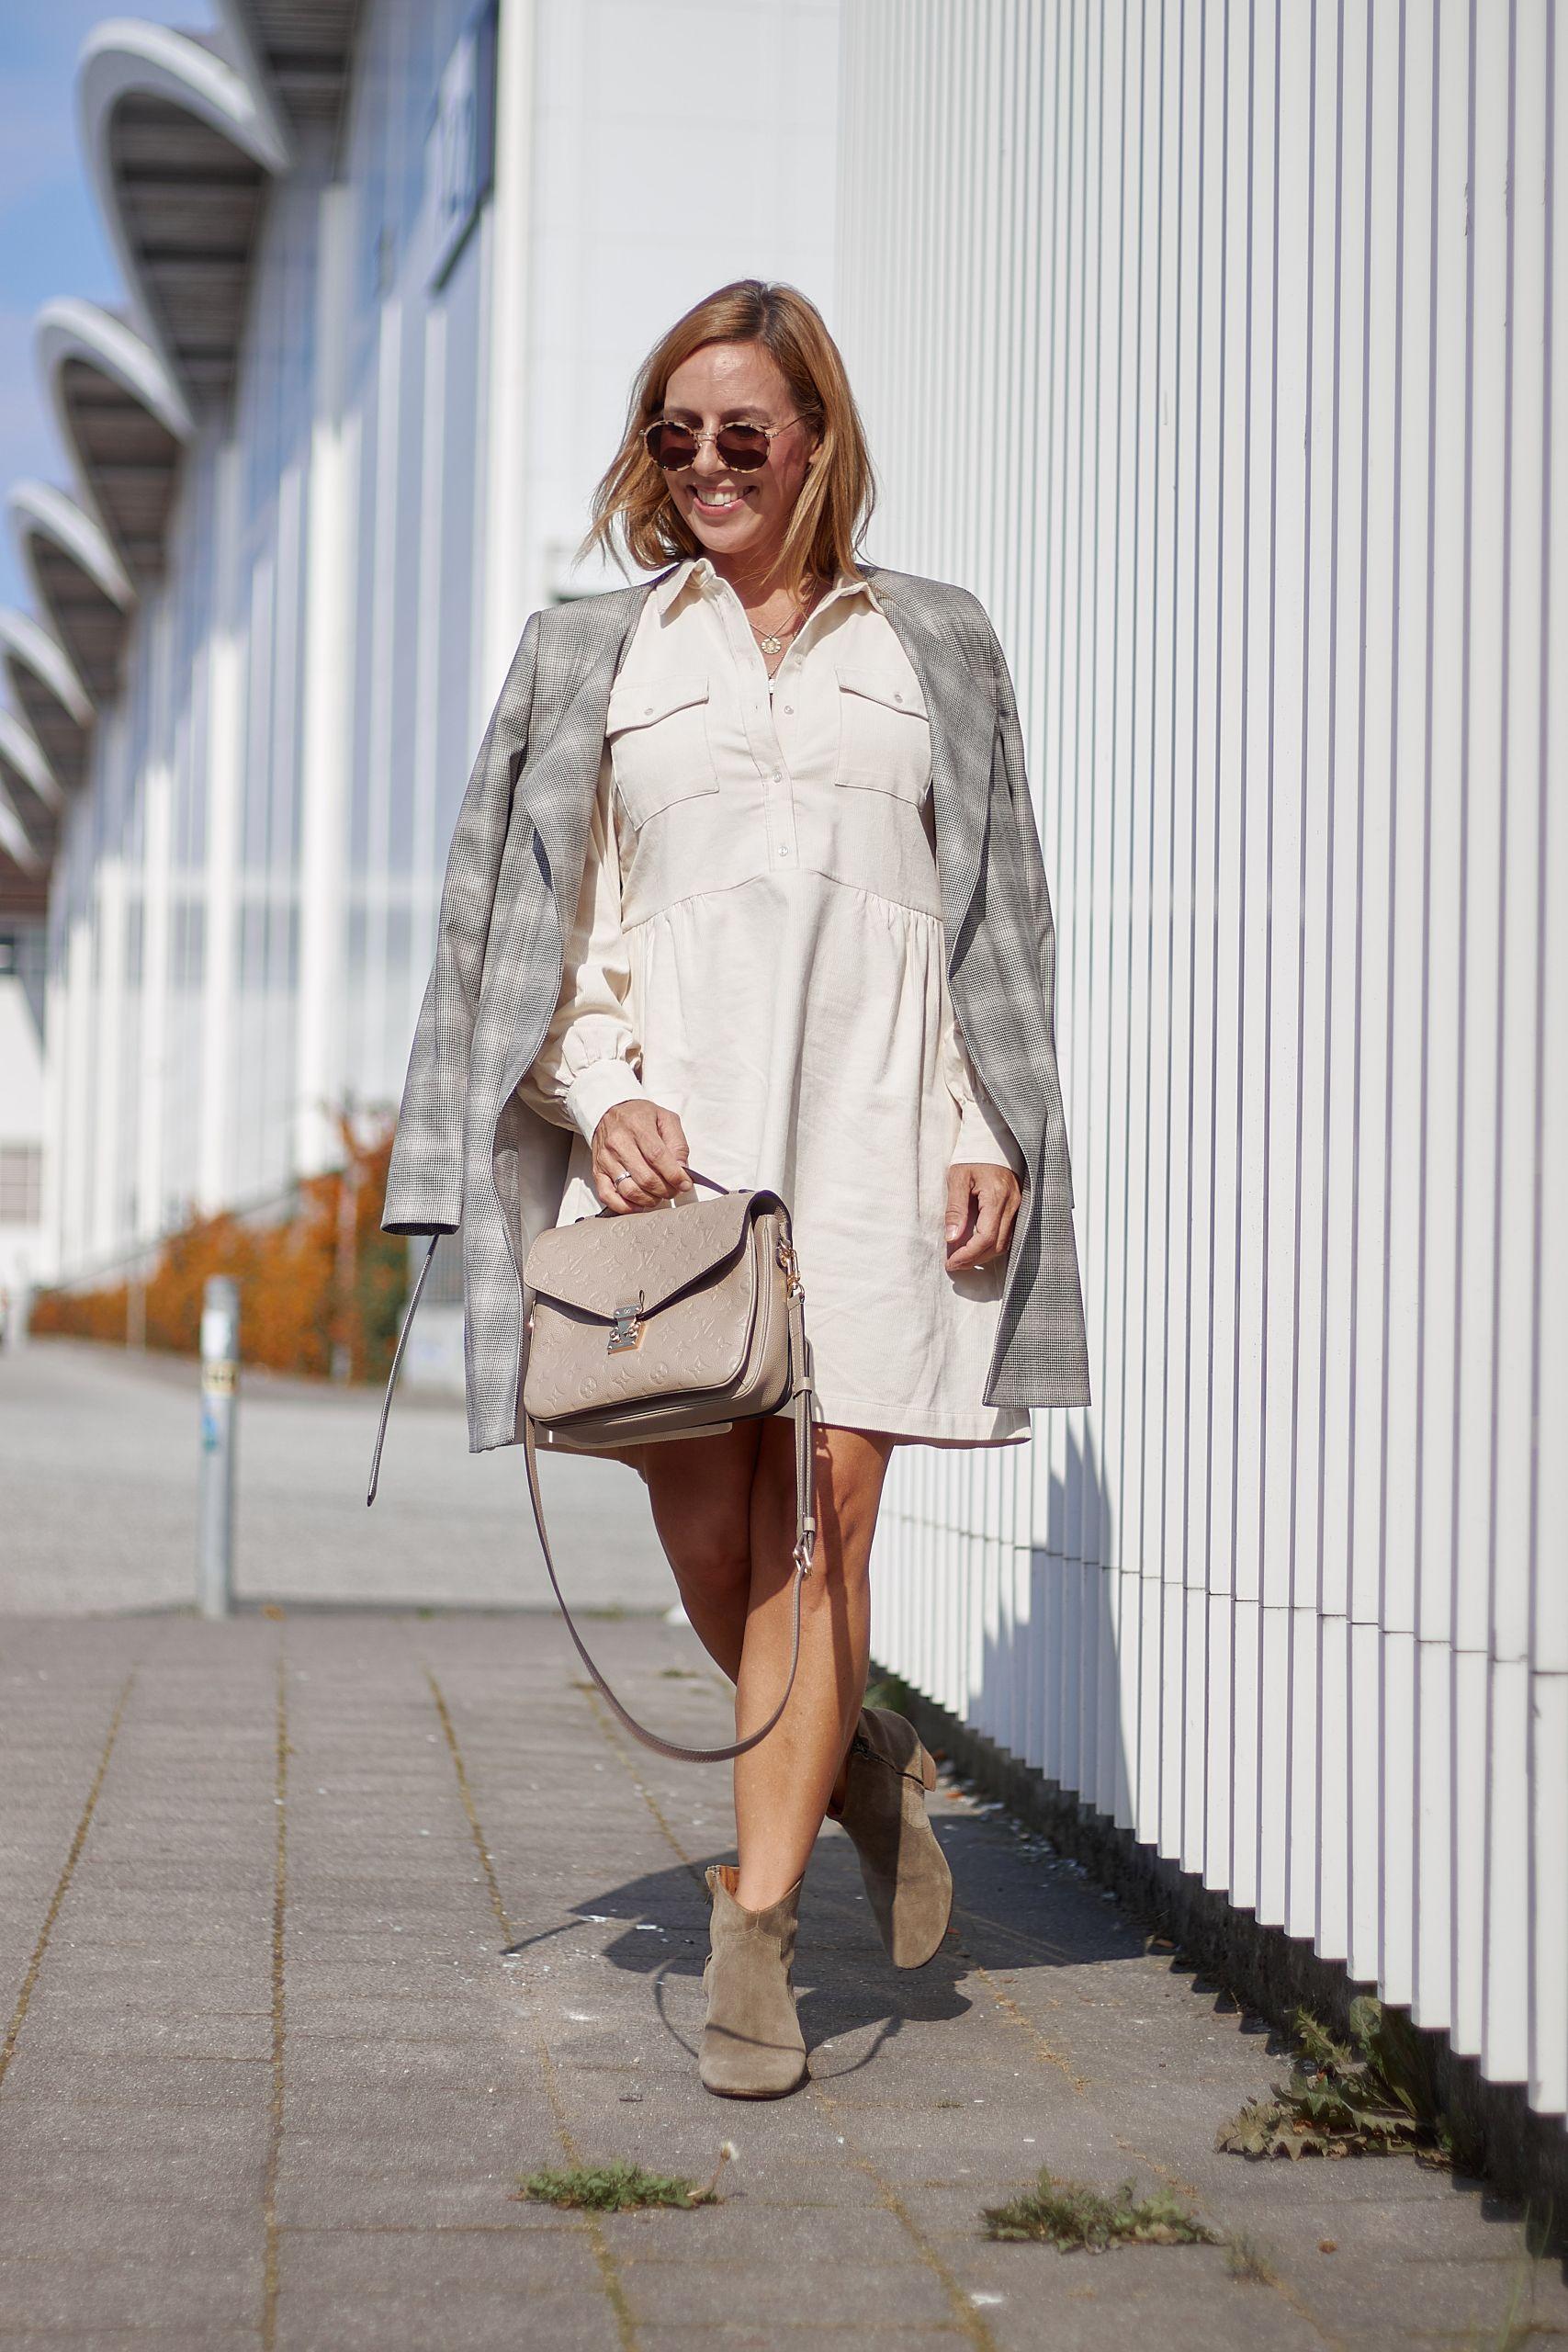 Spectrum Fashion Hamburg zu Kleid in Babykord vor den Messehallen